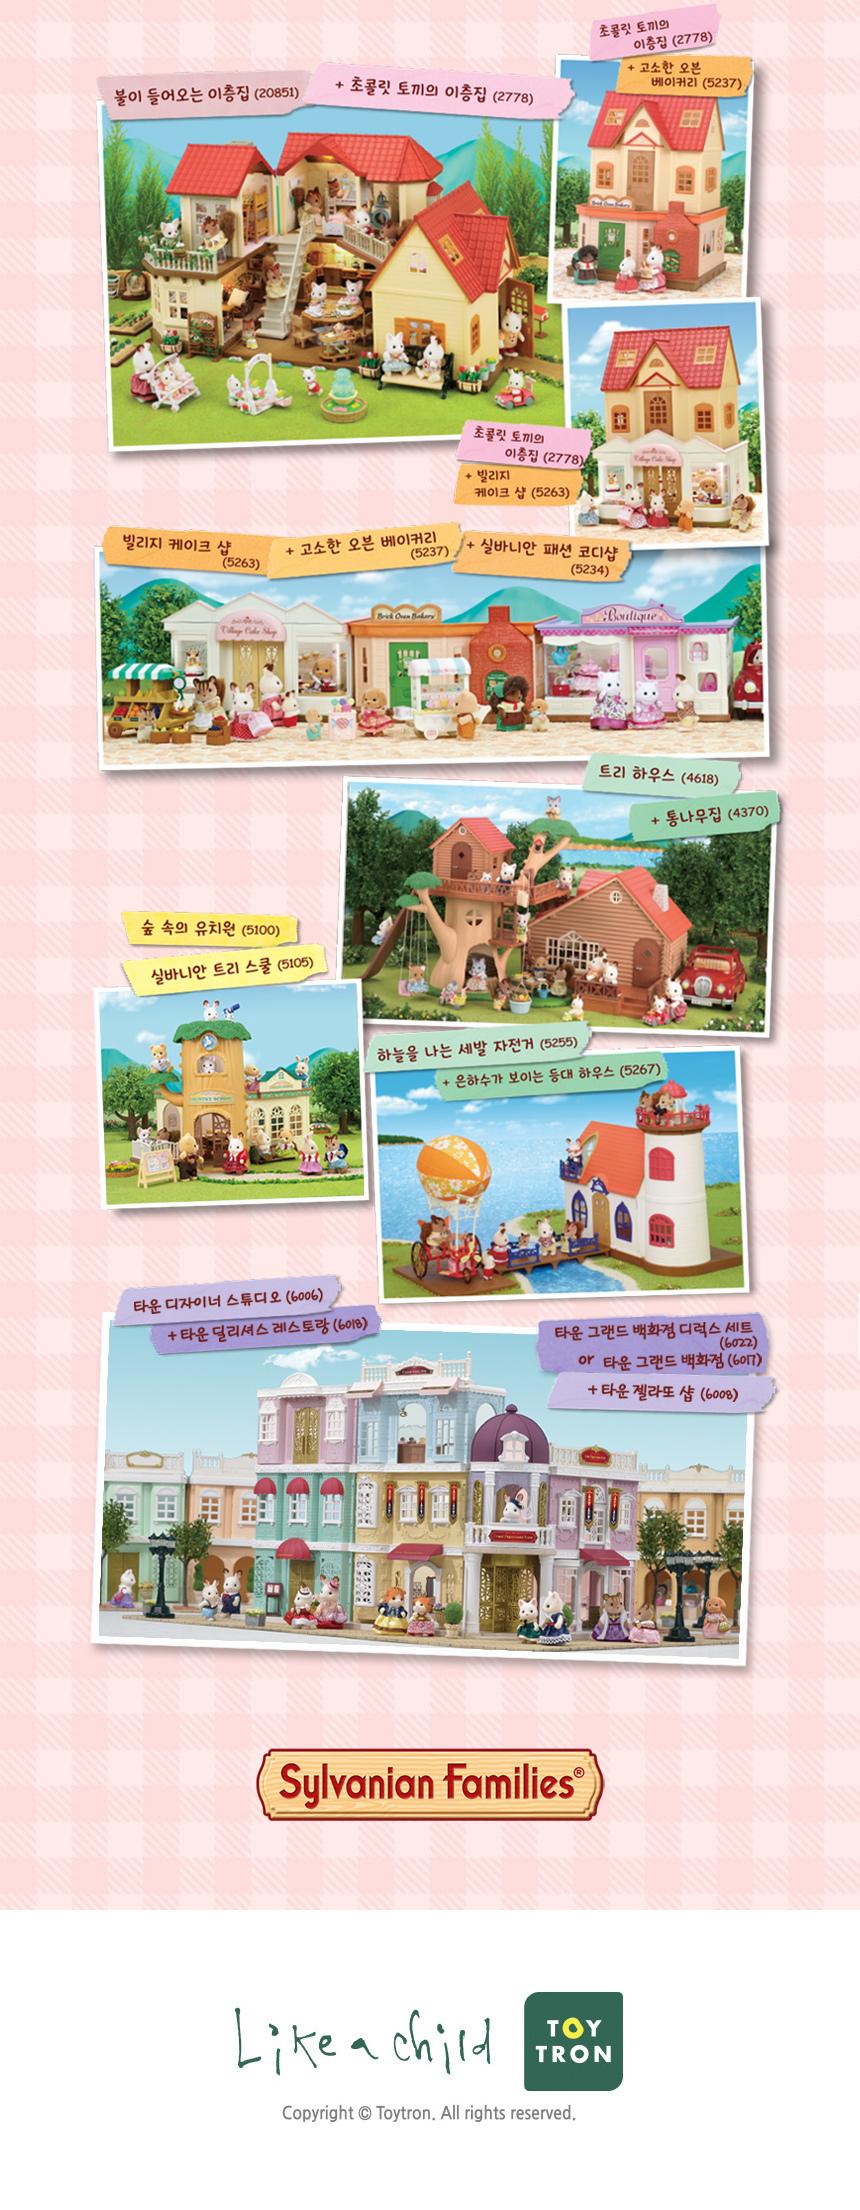 5377-북극곰 소녀의 키즈 룸 세트 44,000원-실바니안패밀리키덜트/취미, 피규어, 캐릭터 피규어, 실바니안패밀리바보사랑 5377-북극곰 소녀의 키즈 룸 세트 44,000원-실바니안패밀리키덜트/취미, 피규어, 캐릭터 피규어, 실바니안패밀리바보사랑